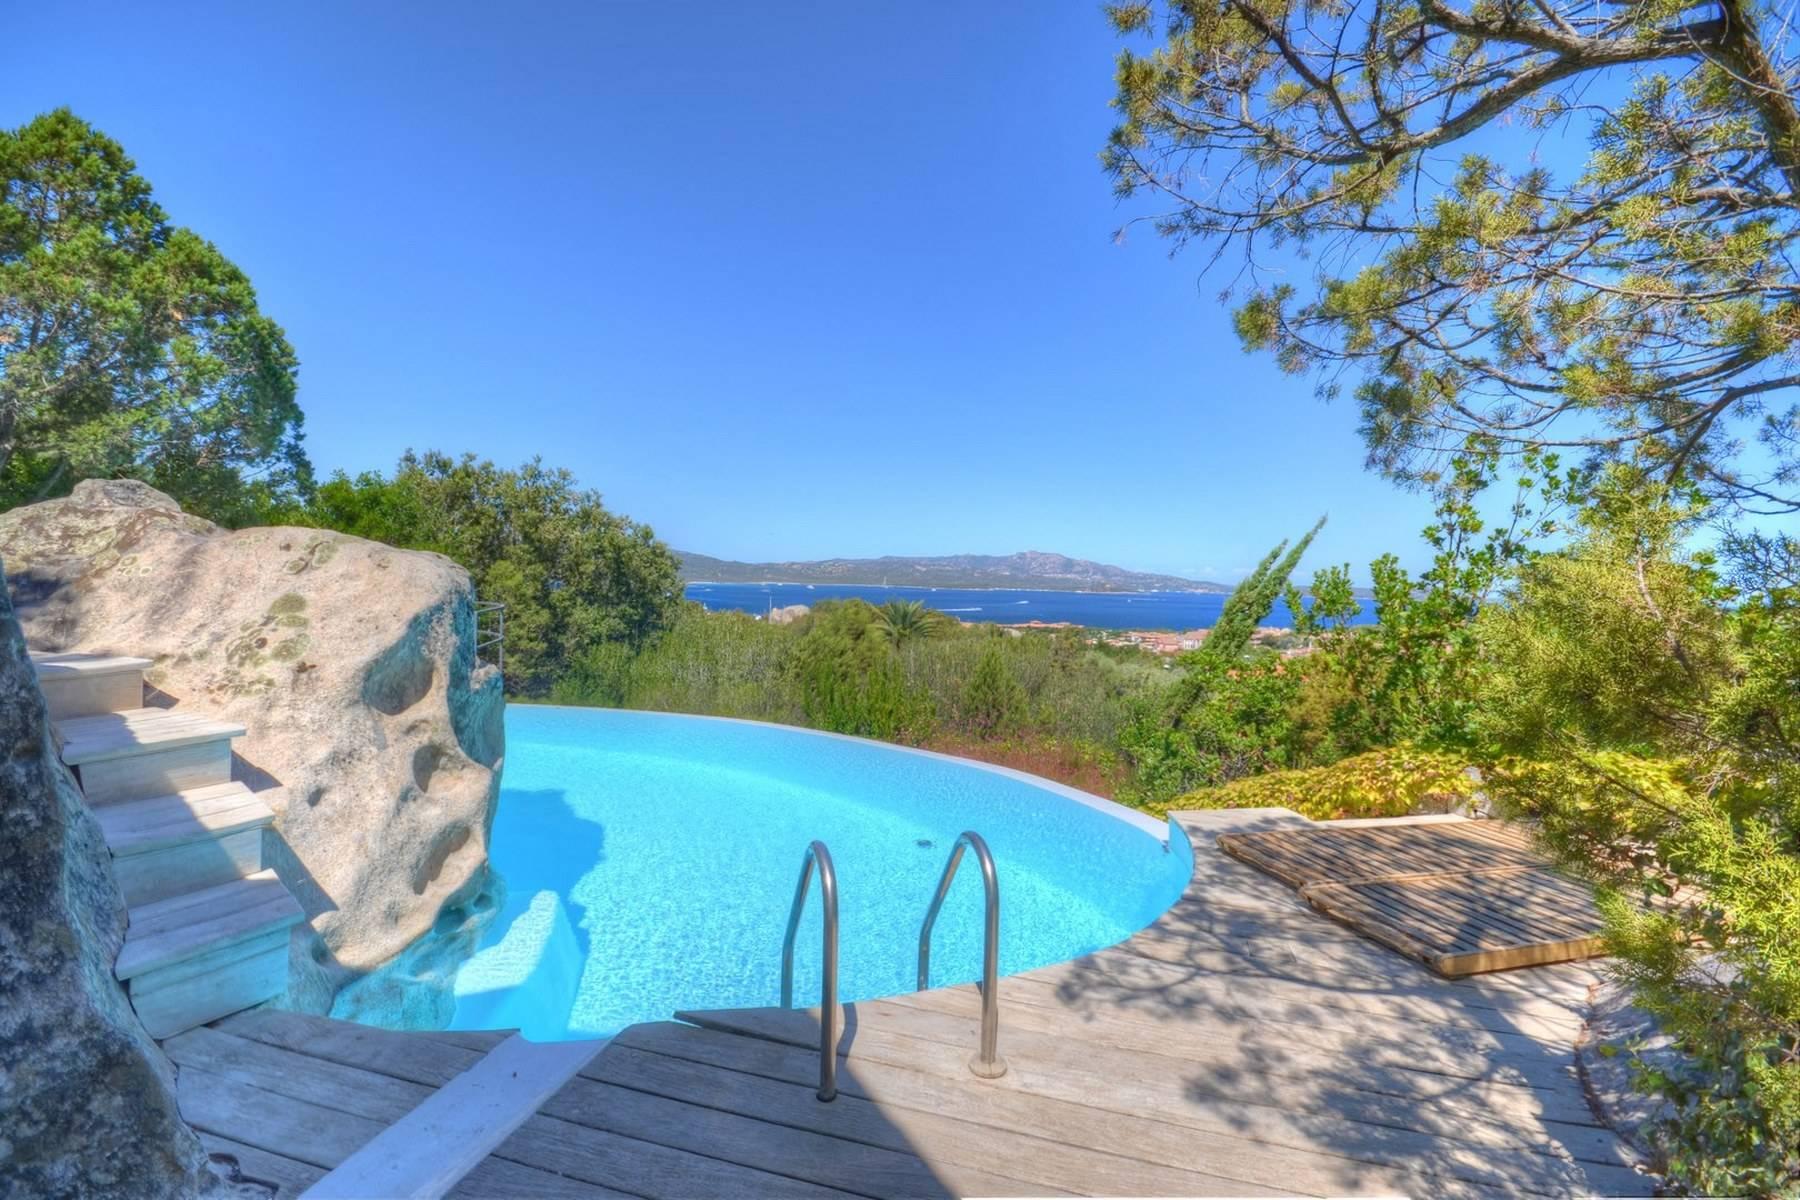 Villa in Vendita a Olbia: 5 locali, 450 mq - Foto 12